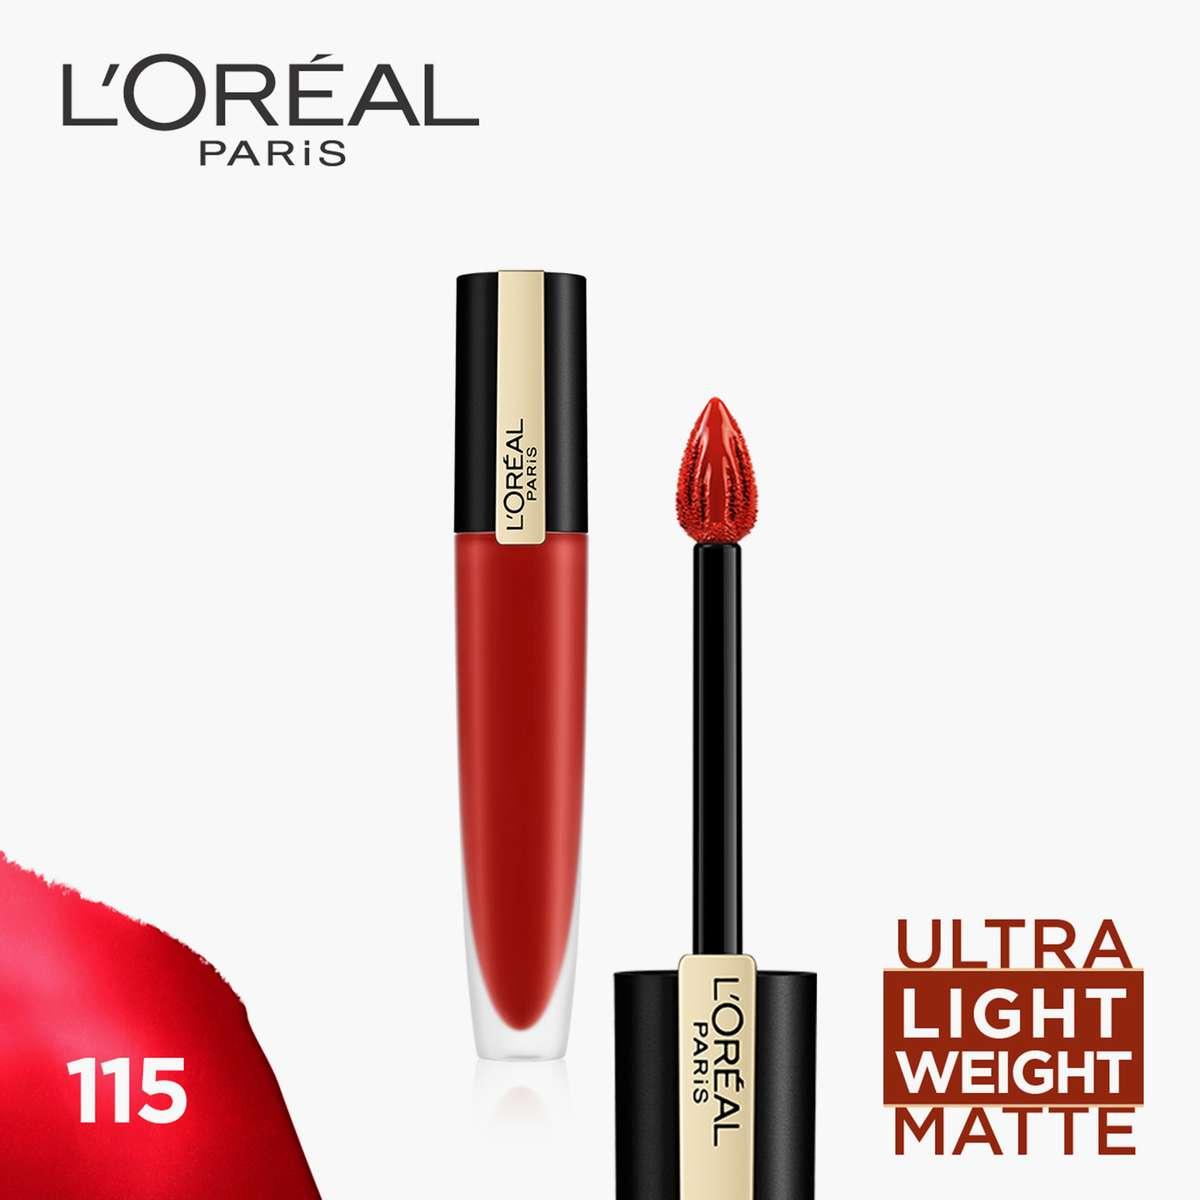 1.L'Oreal Paris Rouge Signature Matte Liquid Lipstick